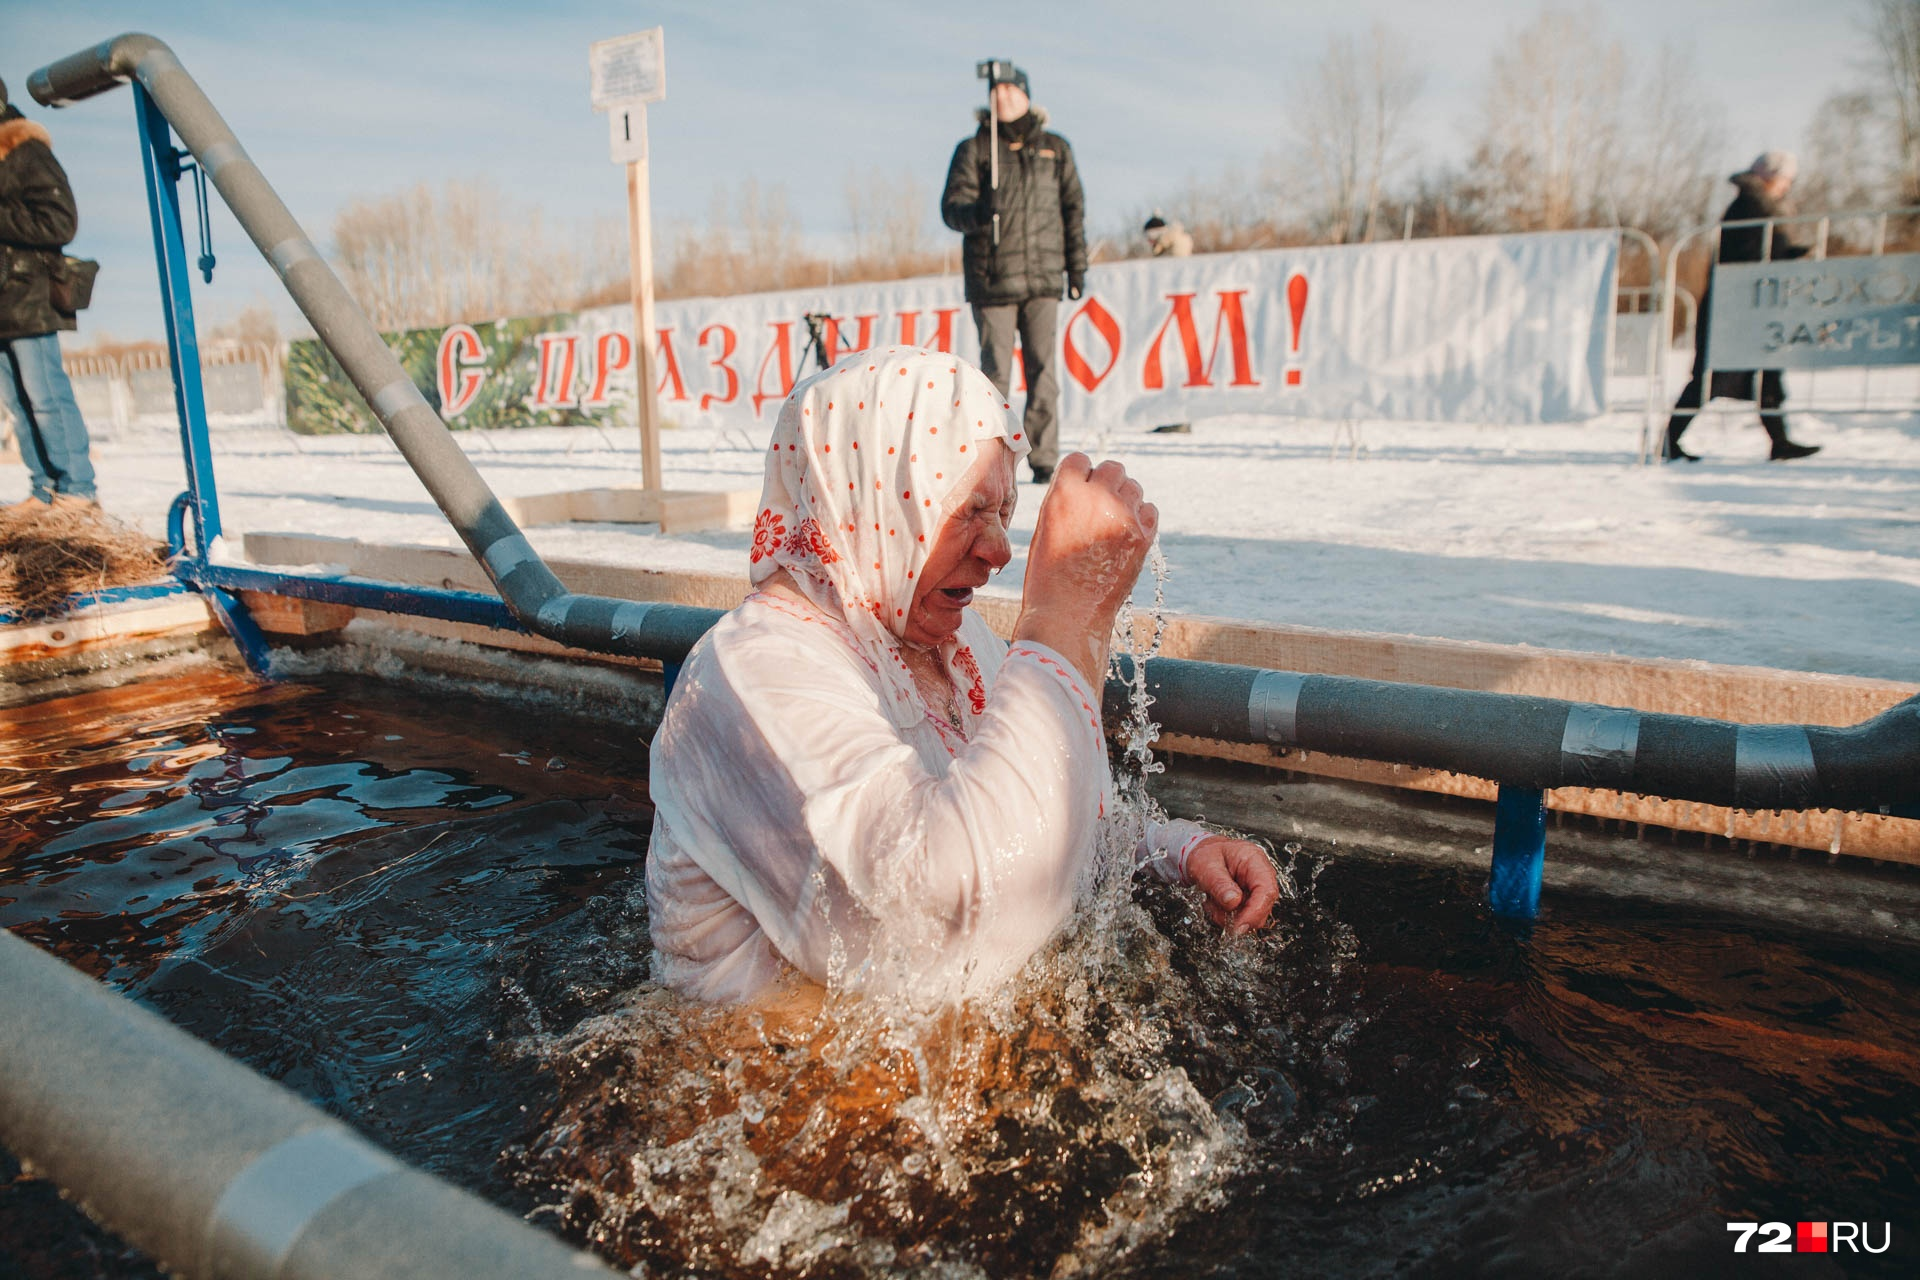 Первая женщина, которая вошла в ледяную воду после Крестного хода.Погружаться в купель следует три раза, обязательно при этом читать про себя текст молитвы «Отче наш»